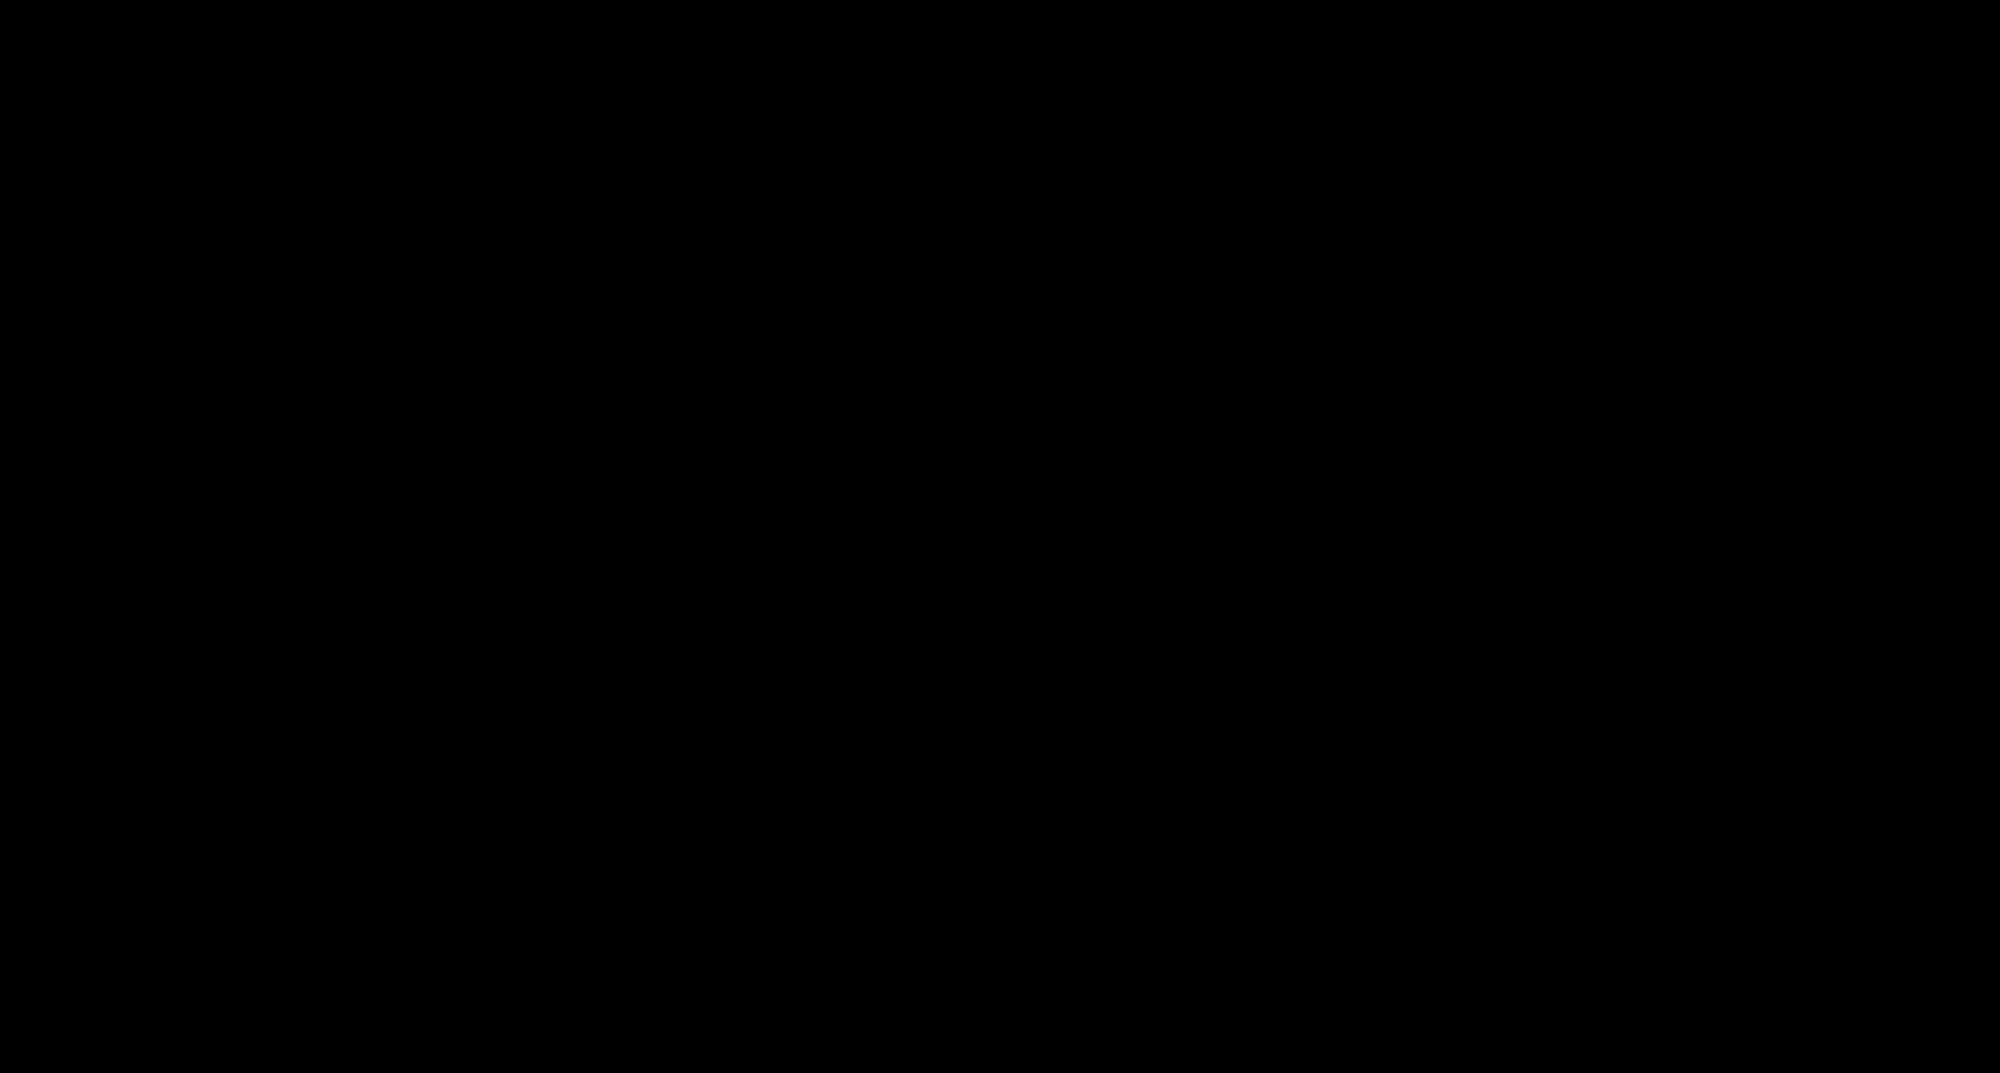 Plasbossinade_nieuw_logo_site_2019.png